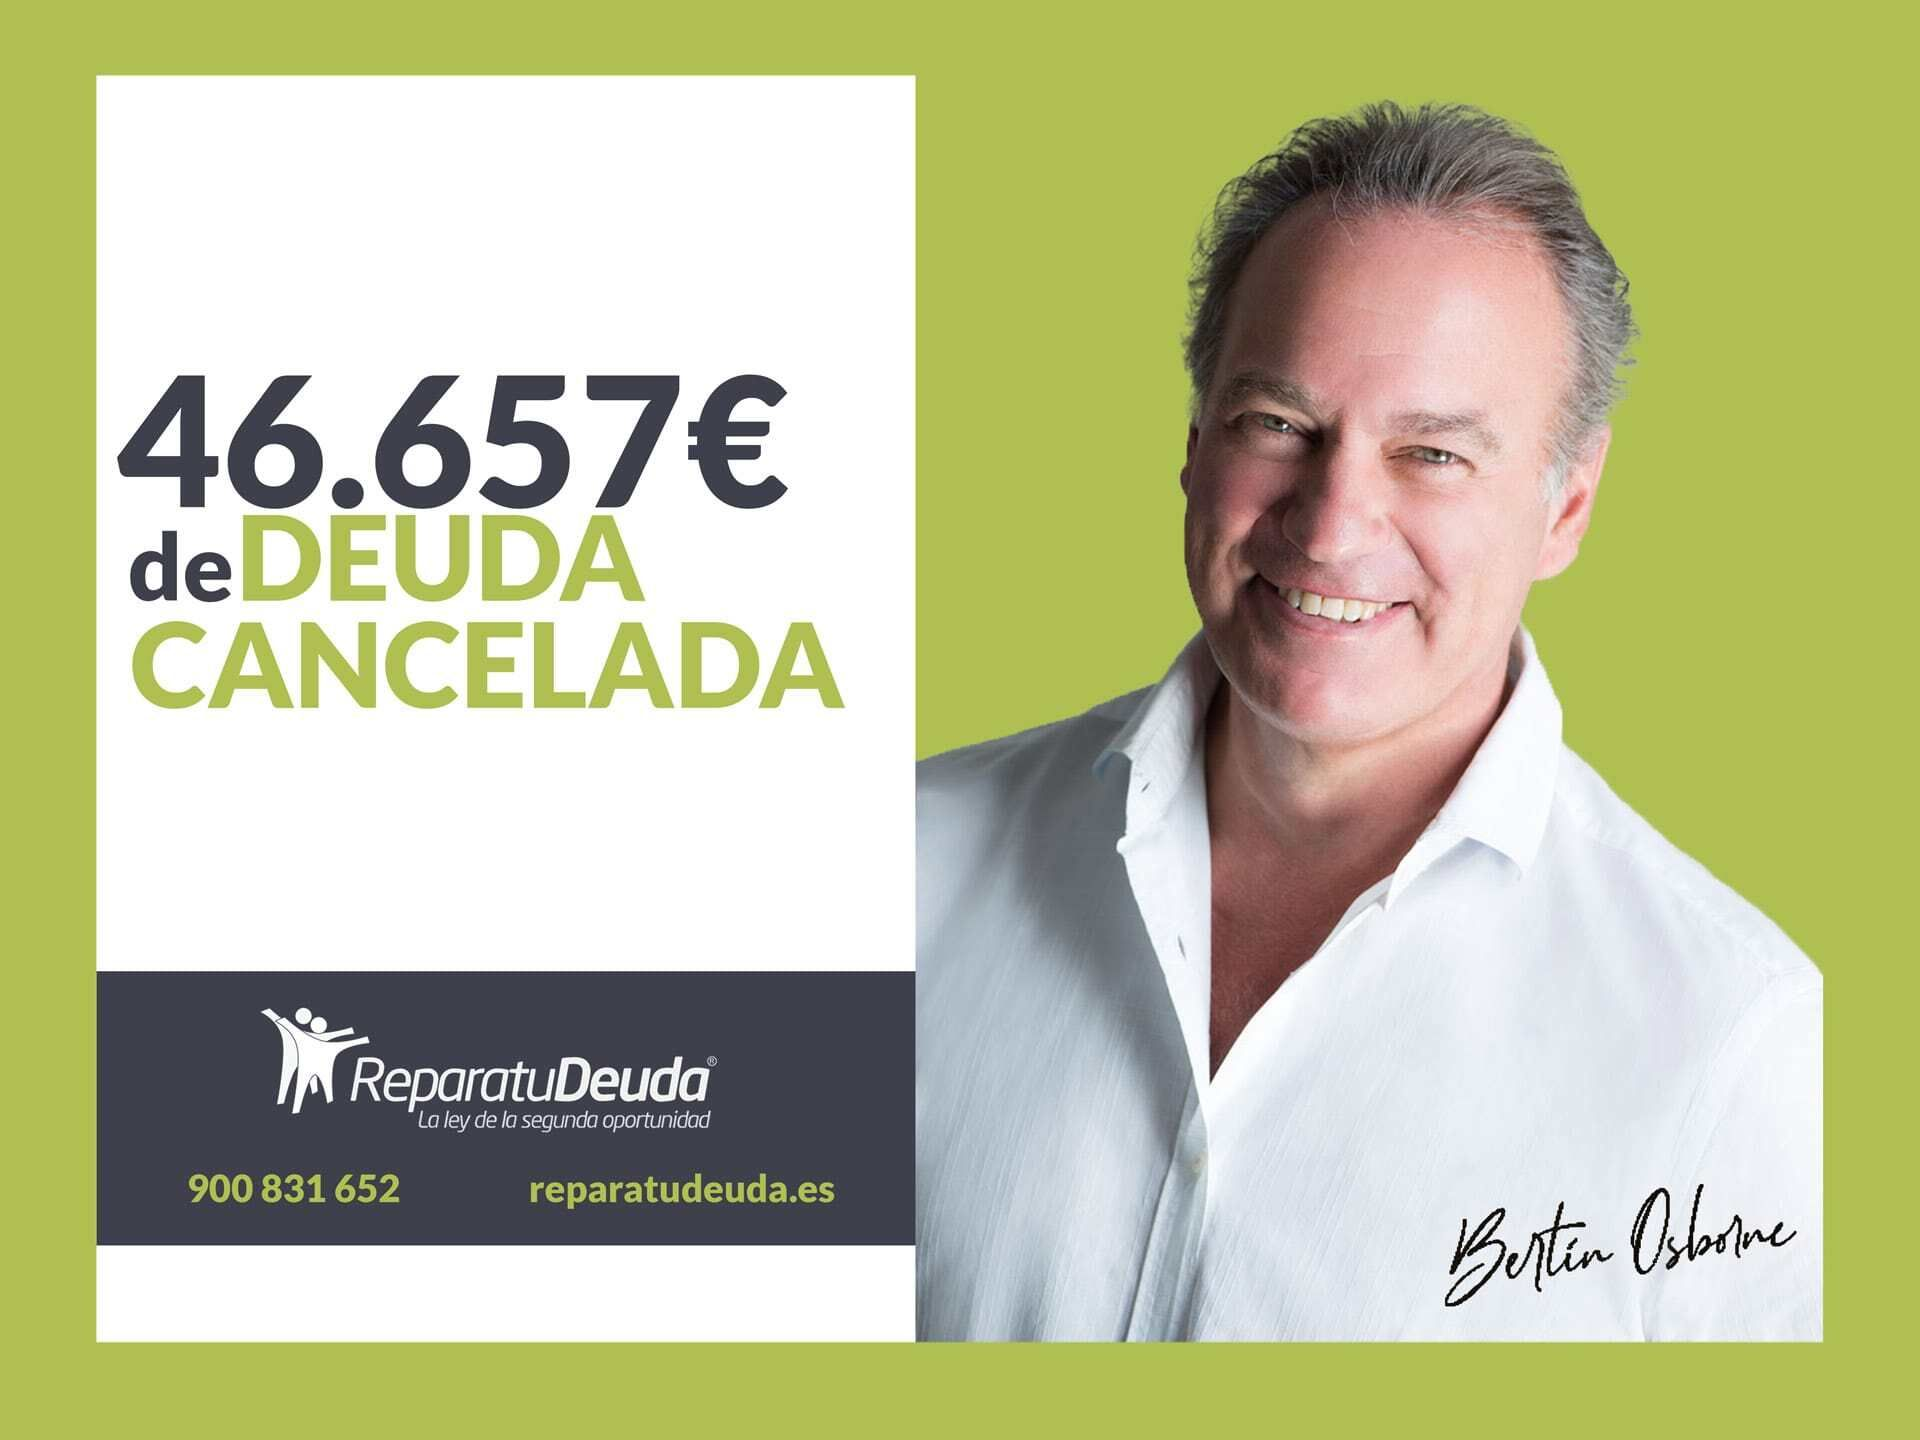 Repara tu Deuda cancela 46.657 € de deuda en Barcelona con la Ley de la Segunda Oportunidad